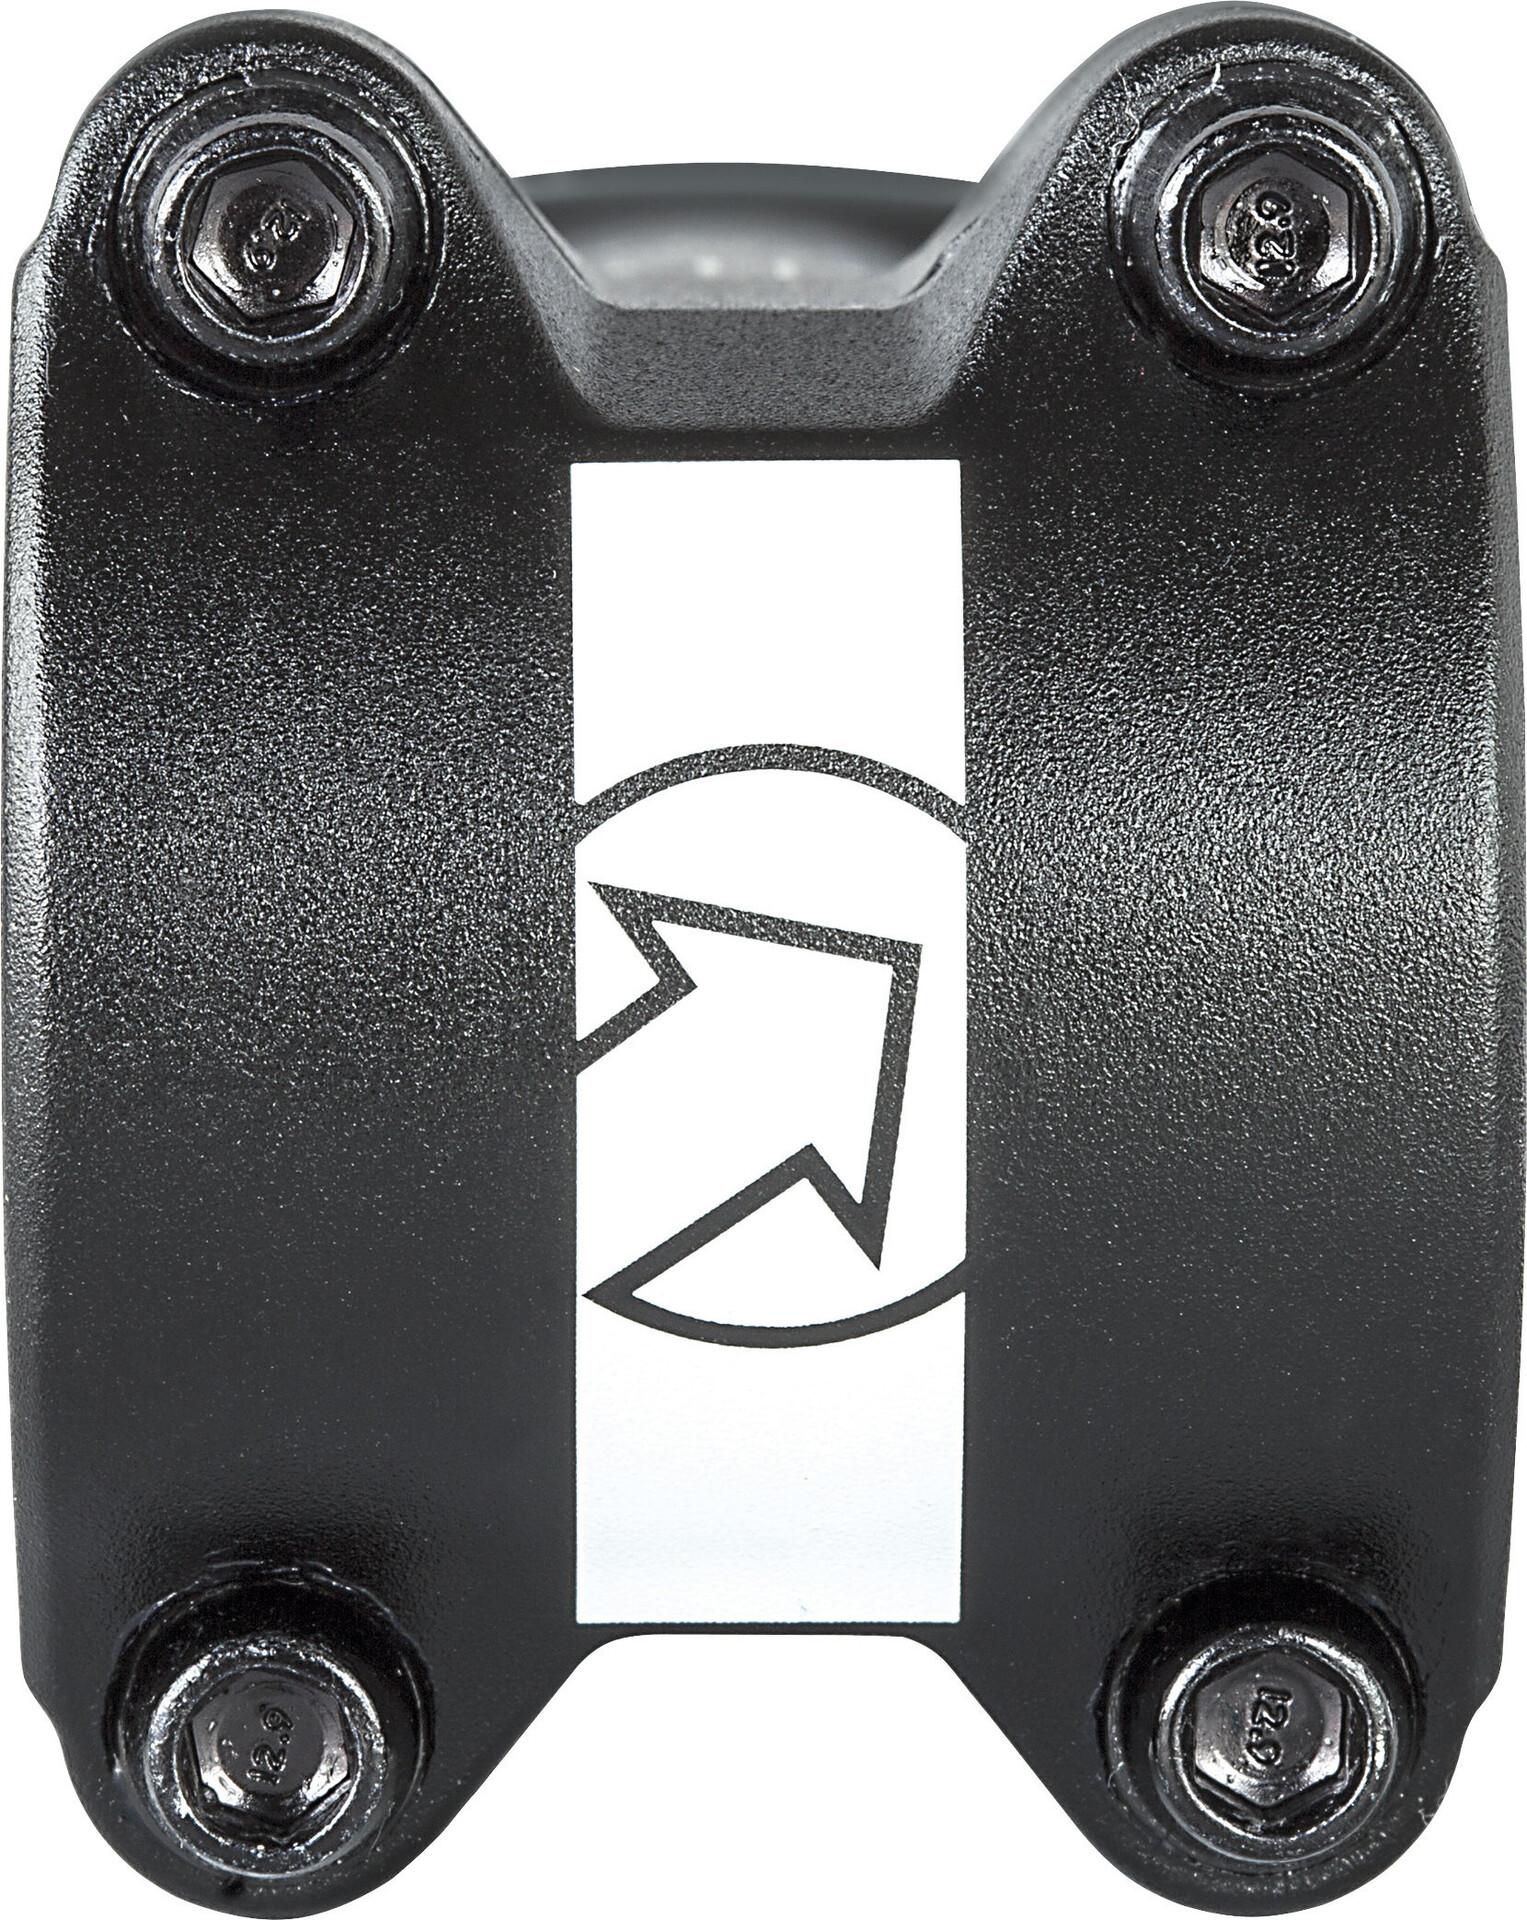 bikester.chpro lt vorbau 318 mm 35 schwarz